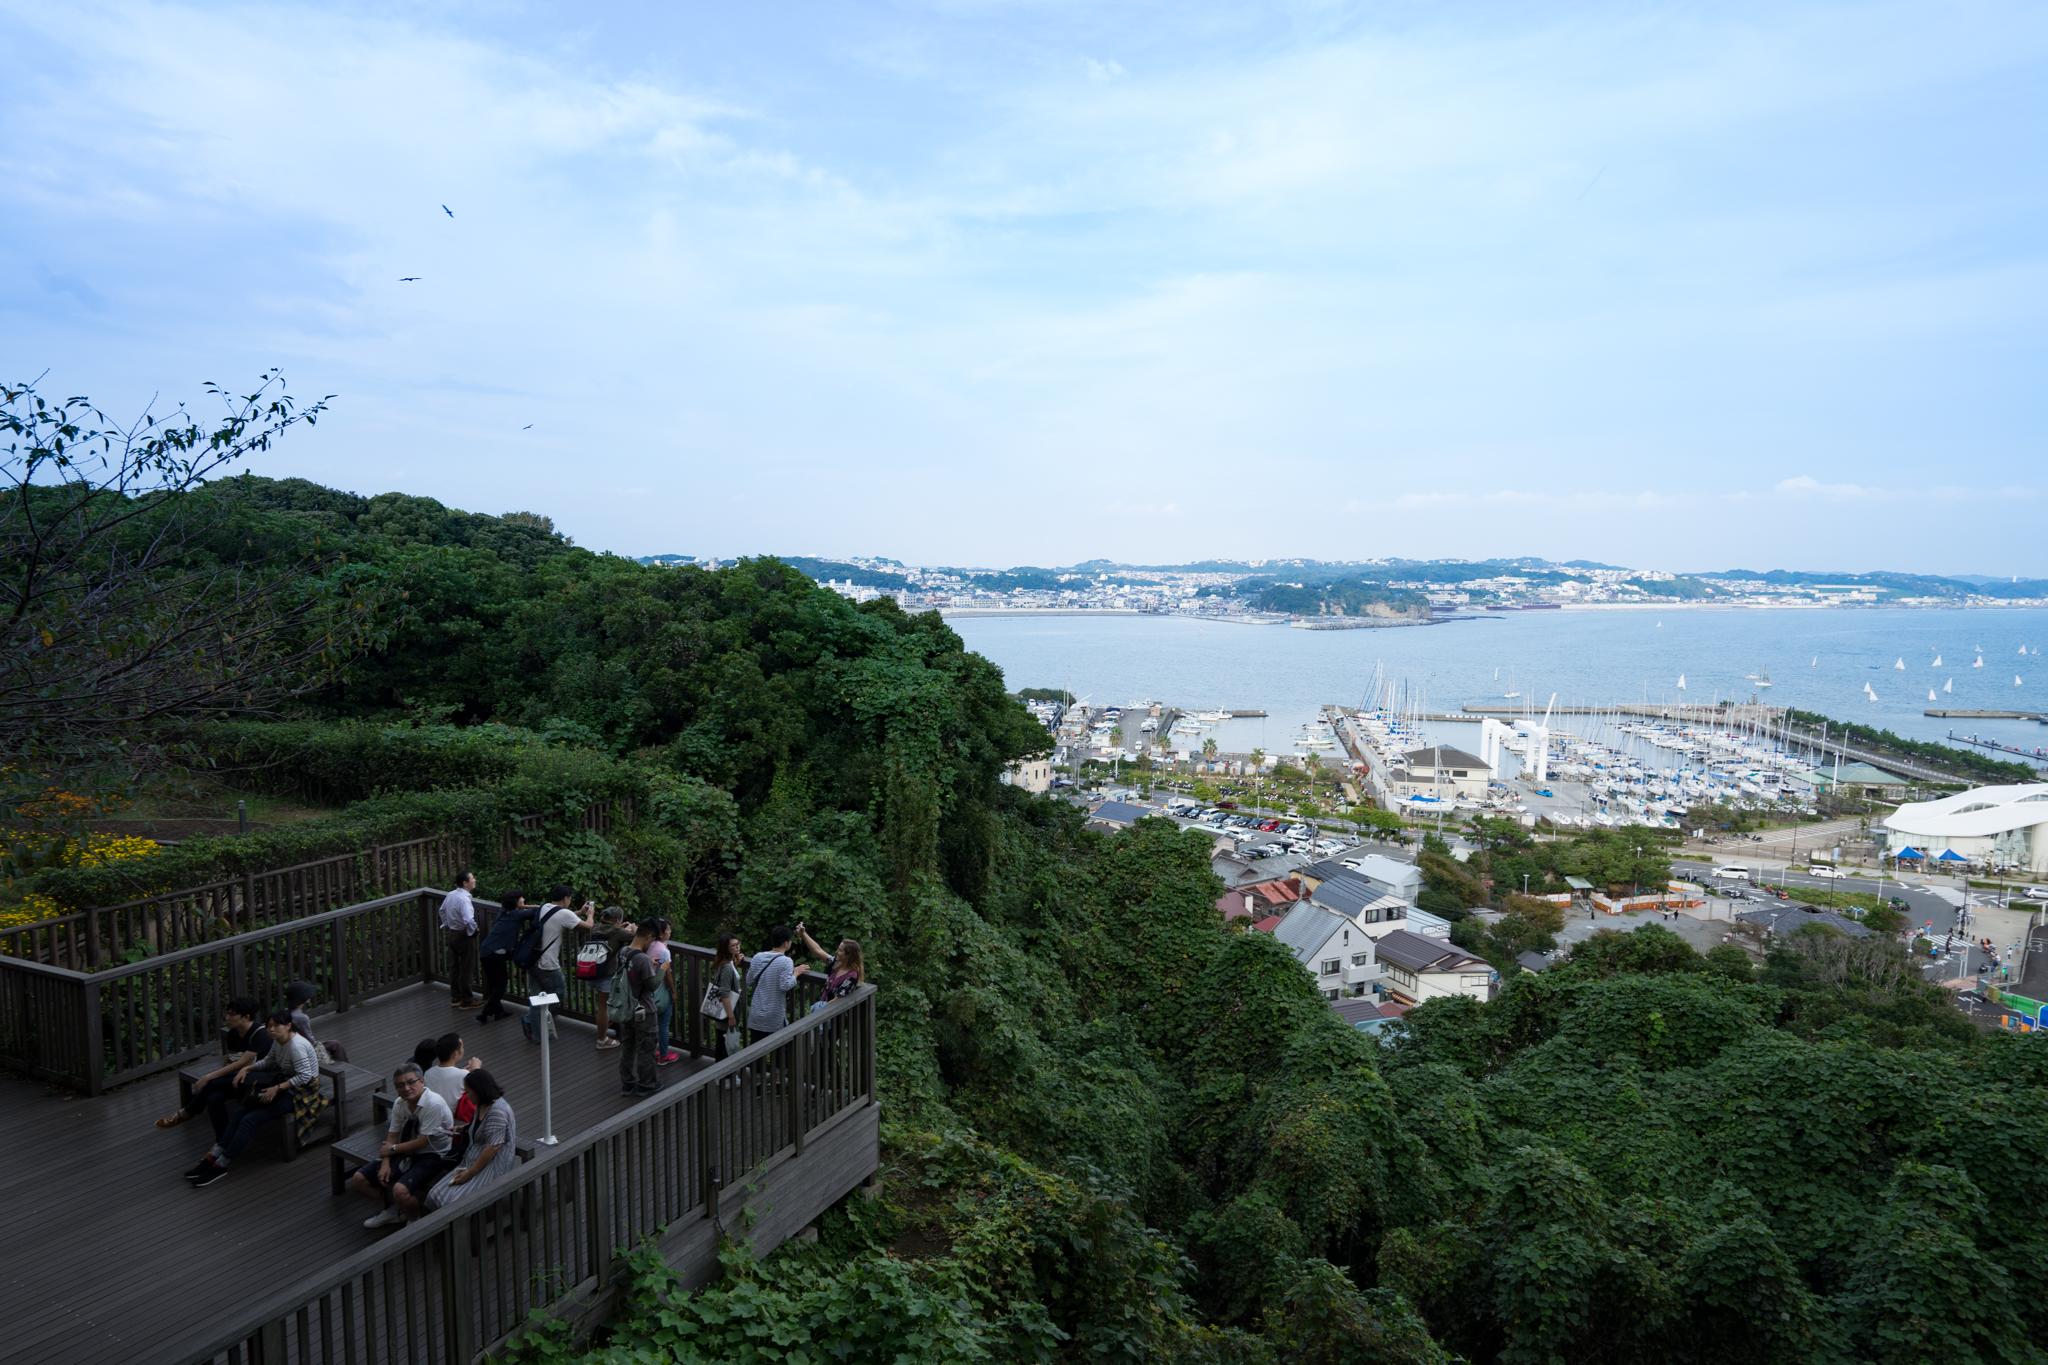 f:id:mitsuya0:20171119174820j:plain